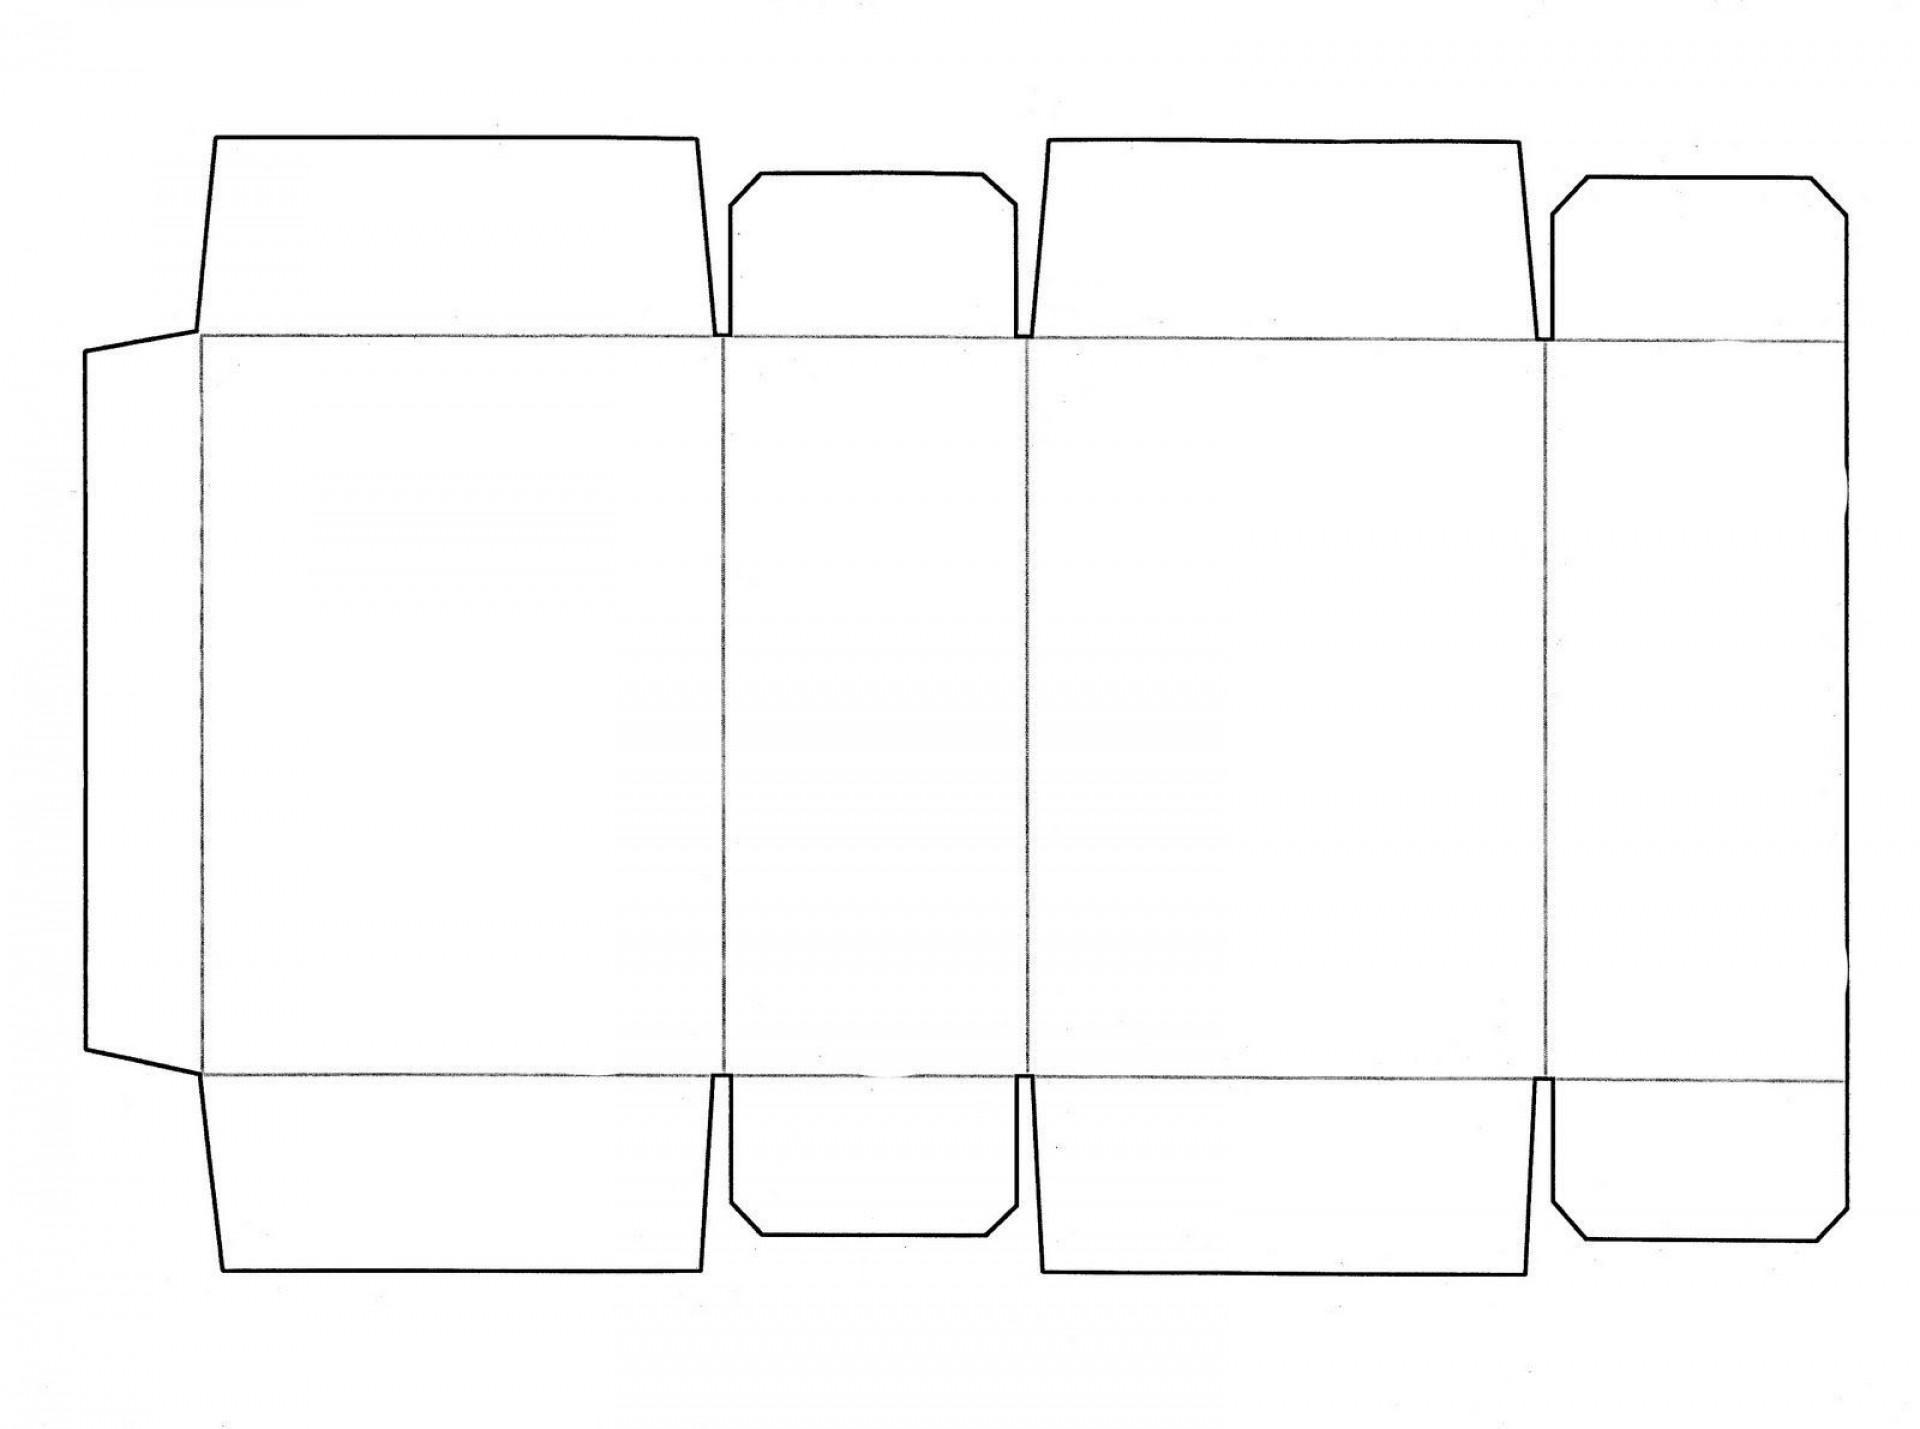 001 Impressive Square Box Template Free Printable Idea 1920